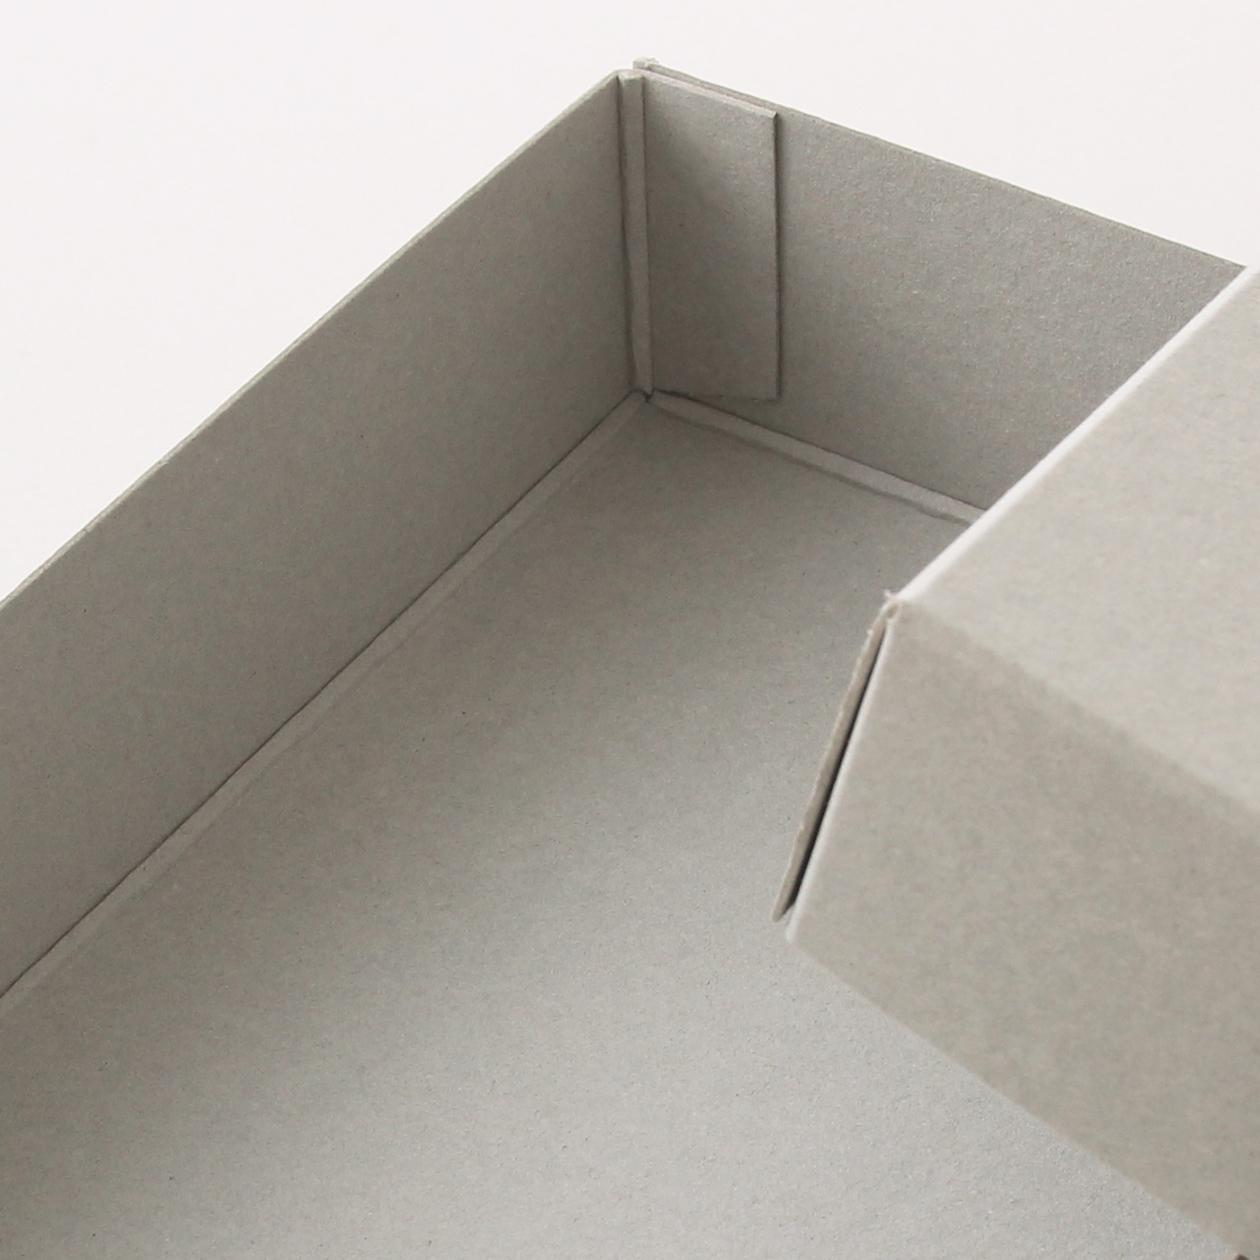 糊どめ箱 サイズS_自由 ボード紙 グレー